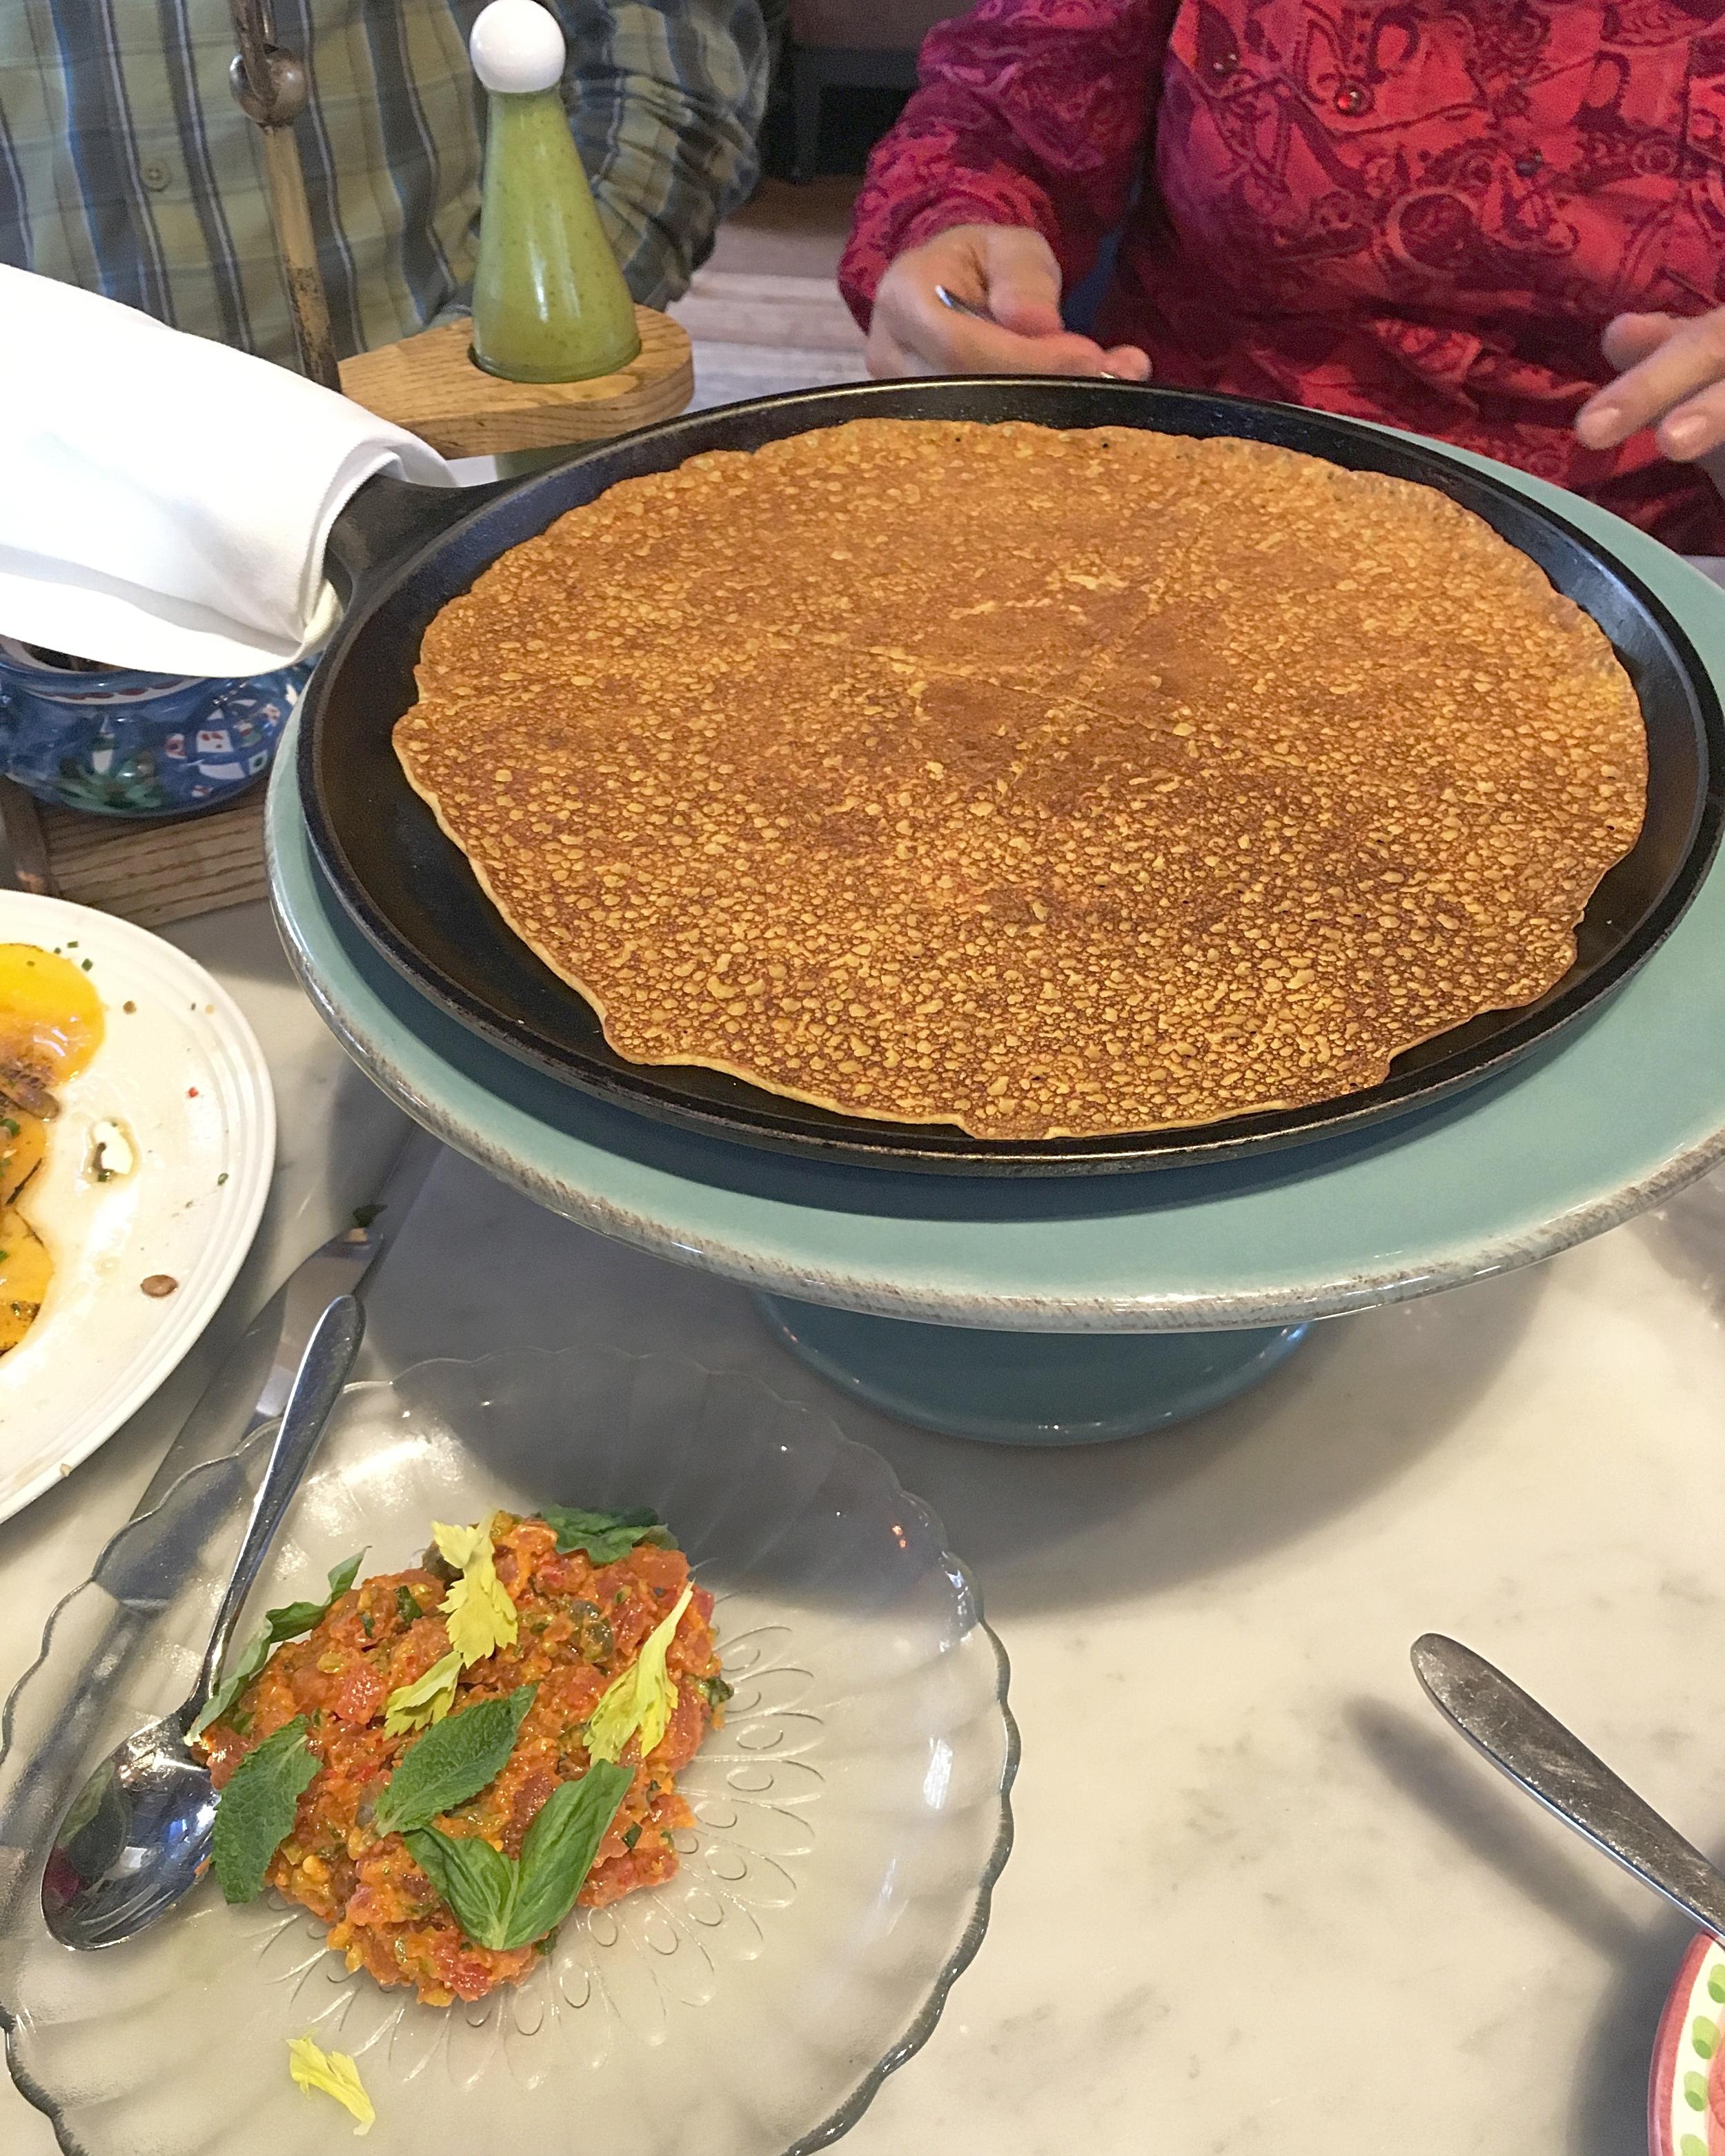 cecina (chickpea pancake), spicy calabrian tuna tartare, avocado salsa verde